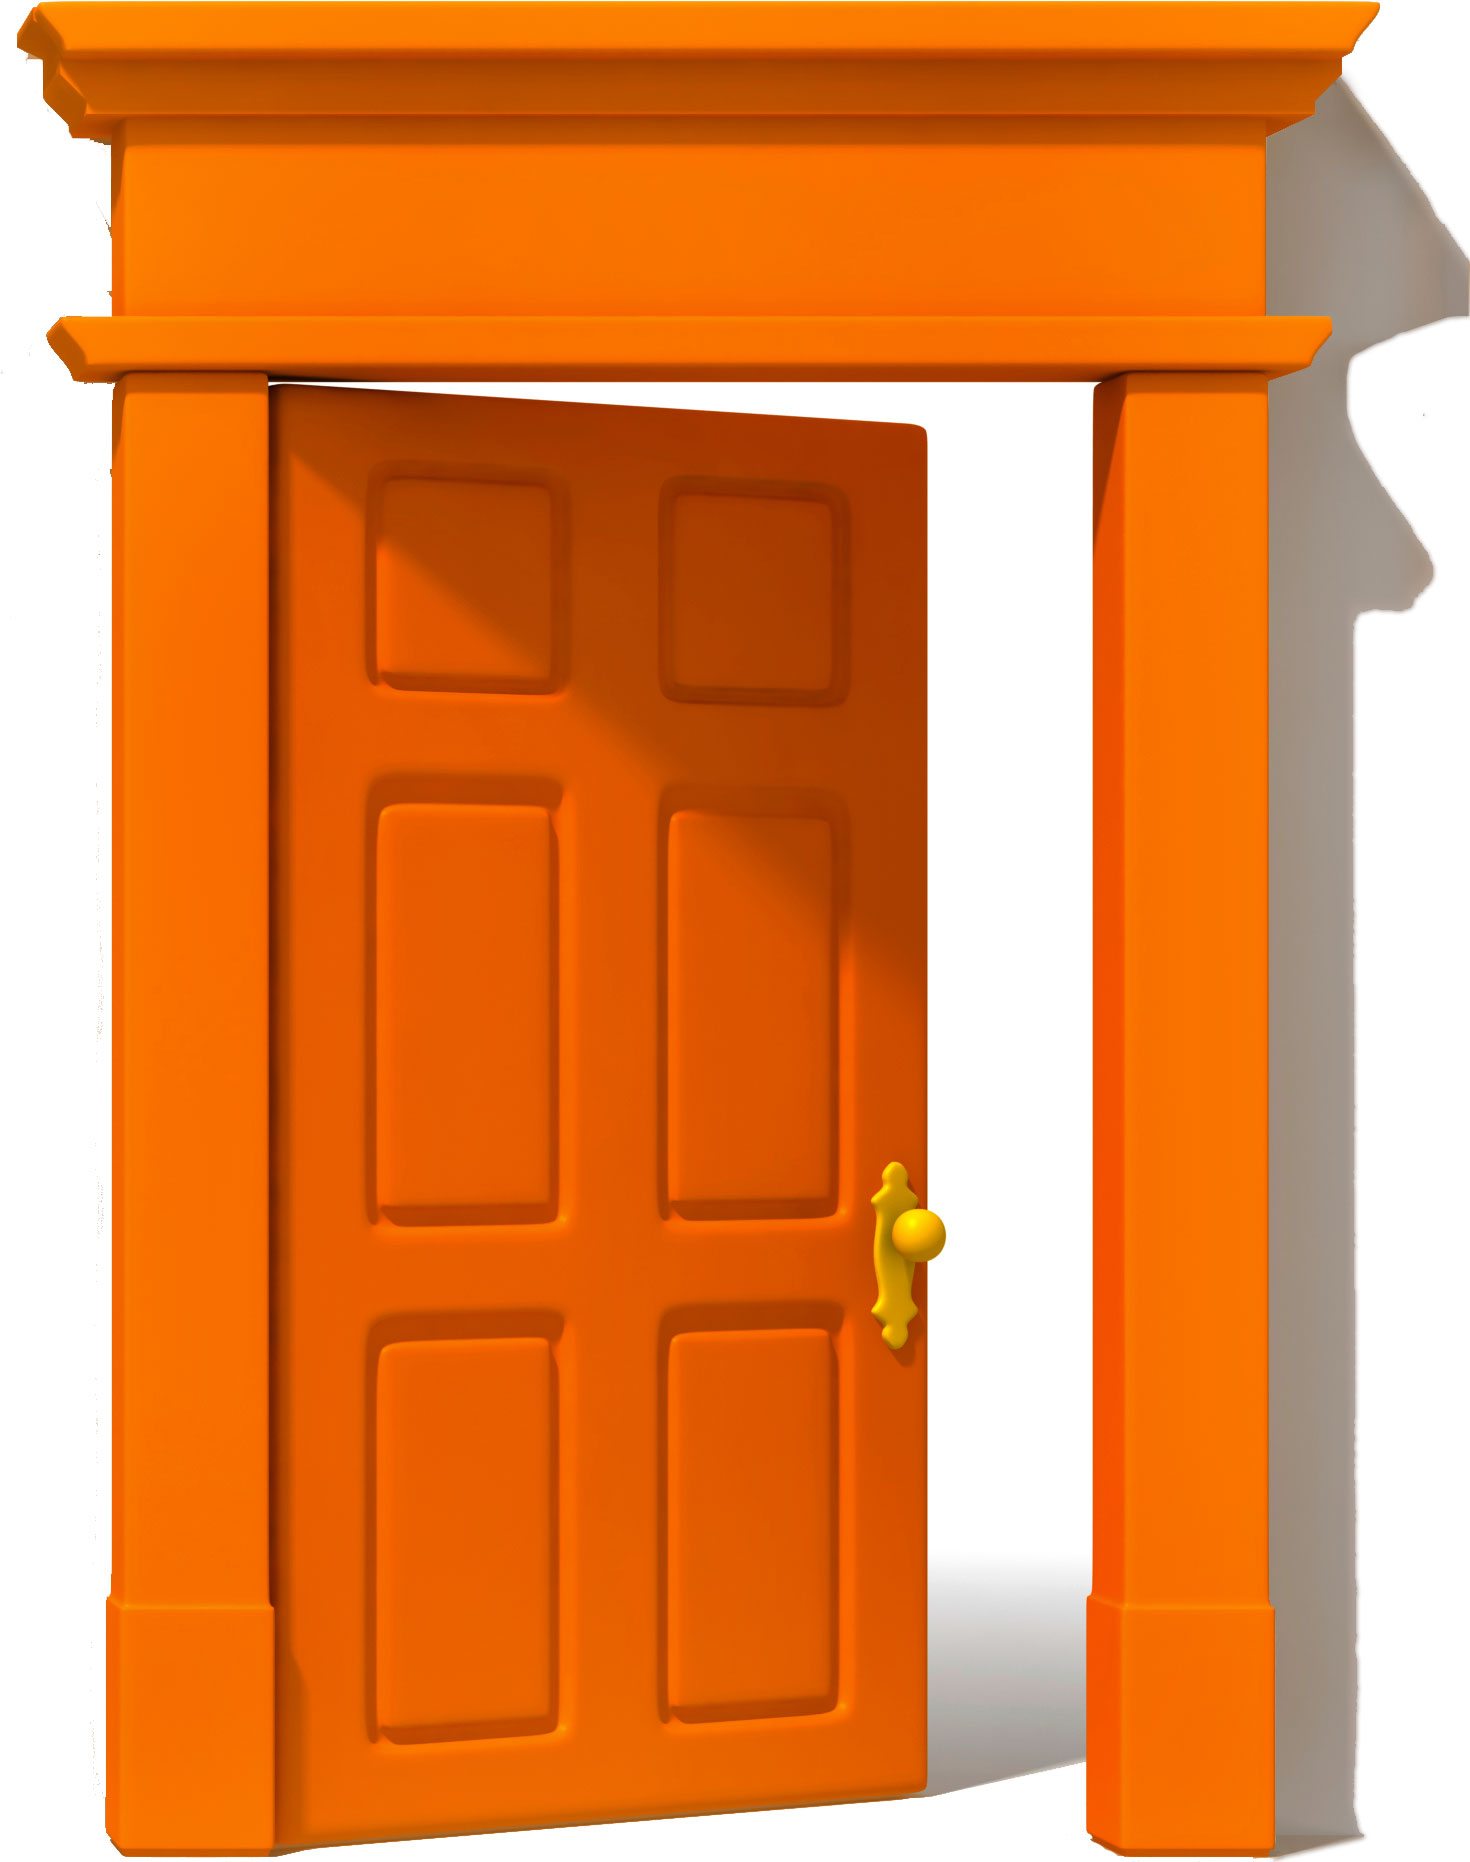 Нарисованная дверь картинки